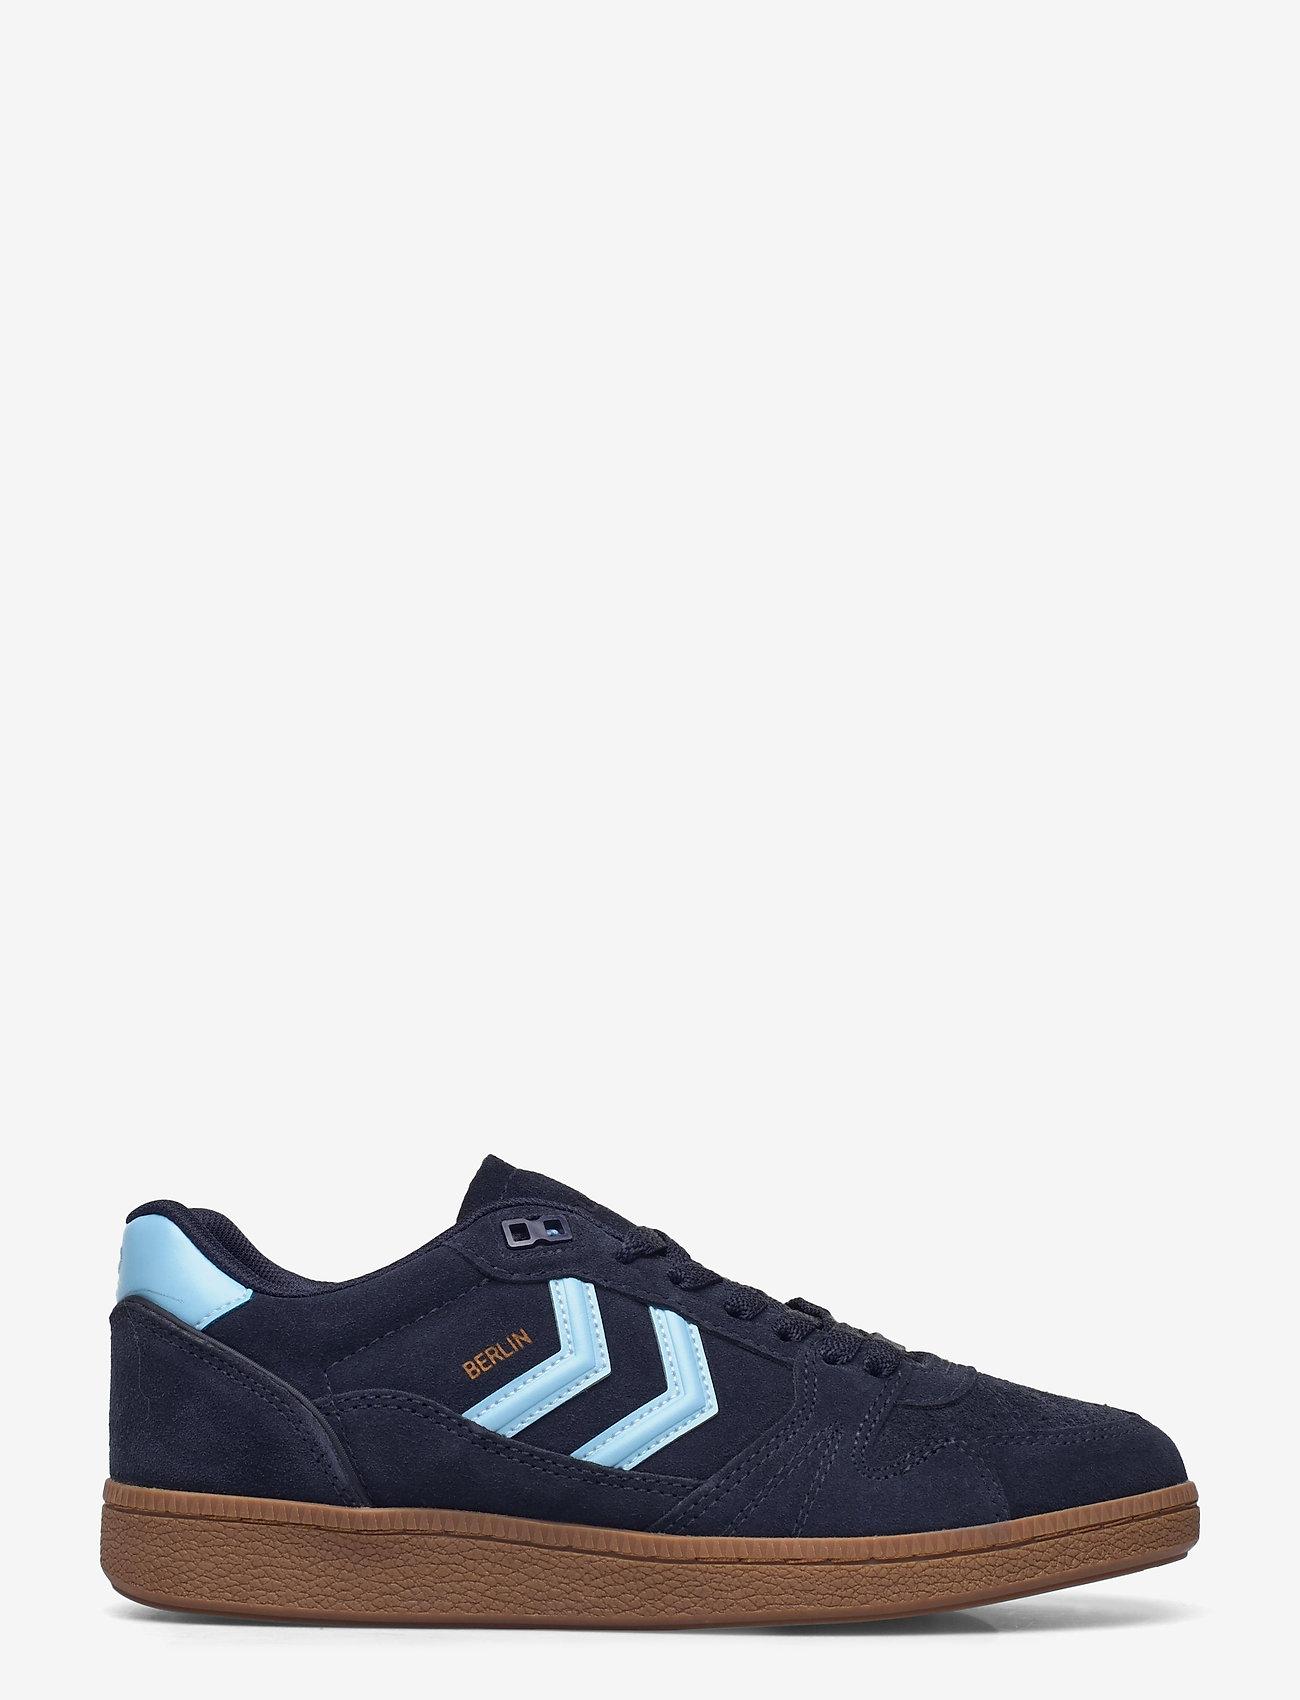 Hummel - HB TEAM SUEDE - laag sneakers - peacoat - 1